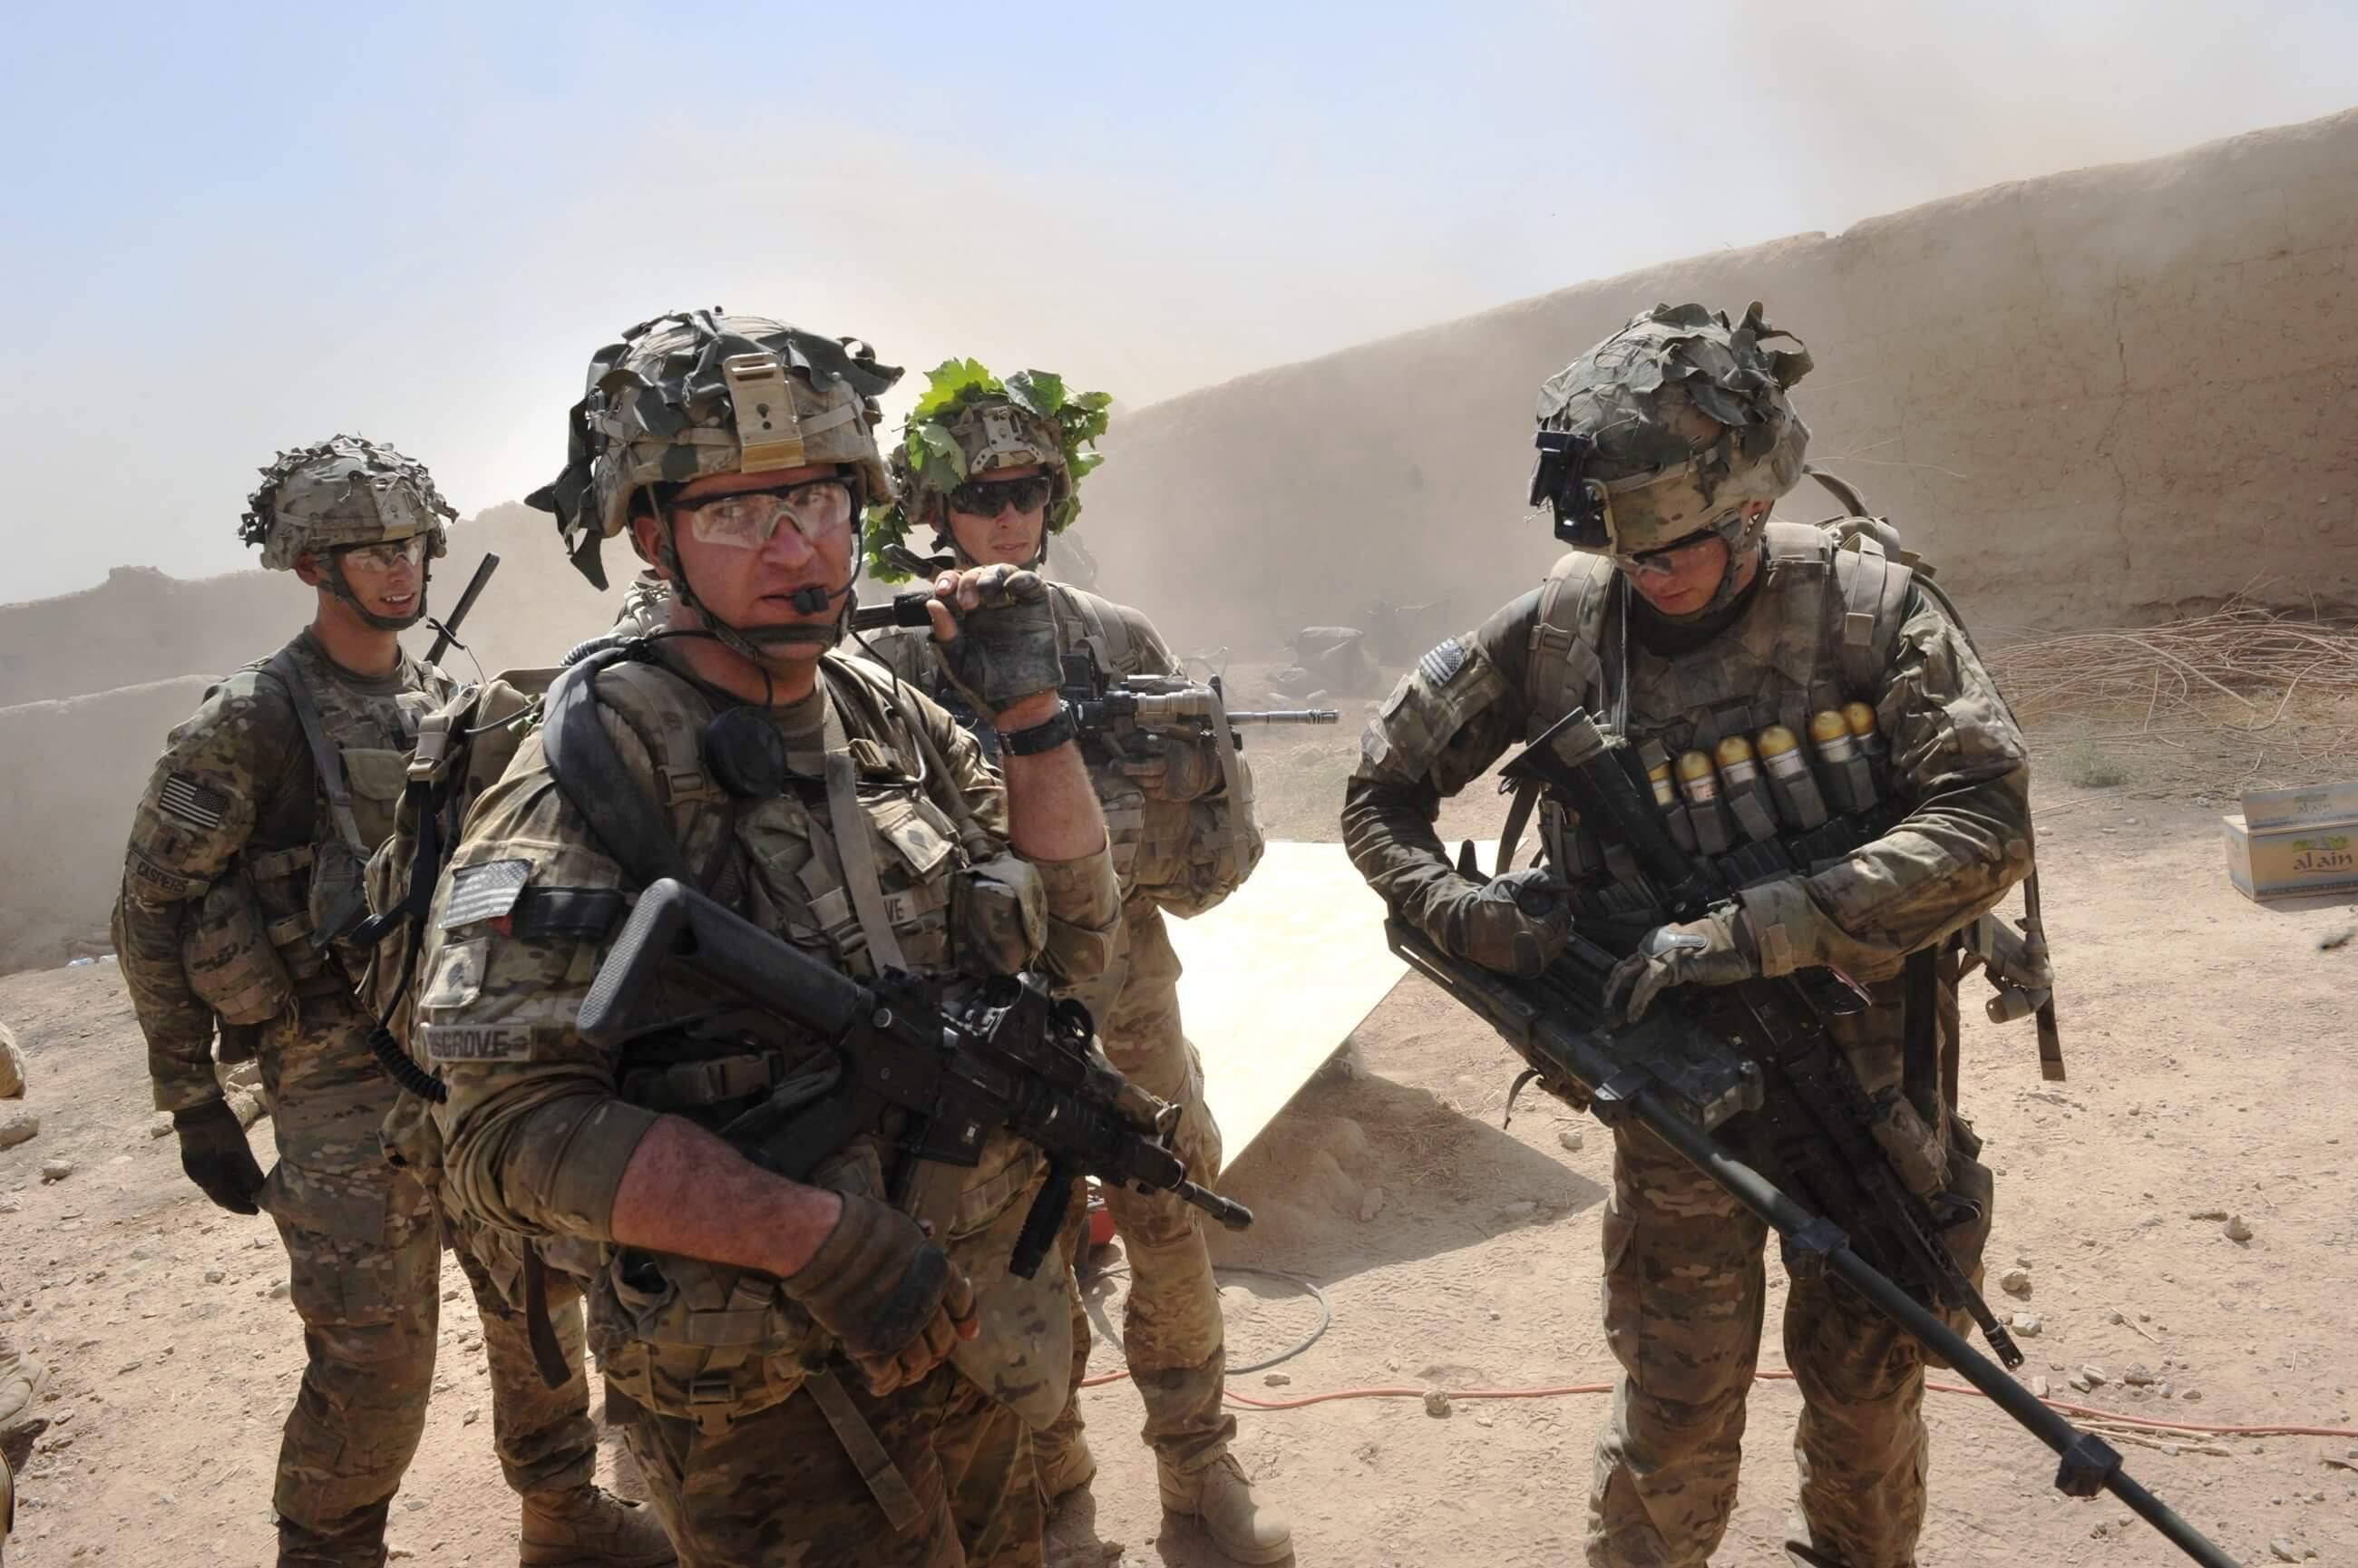 کارآفرینی: پنج ویژگی برتر برای موفقیت در کارآفرینی که در ارتش دیده میشود